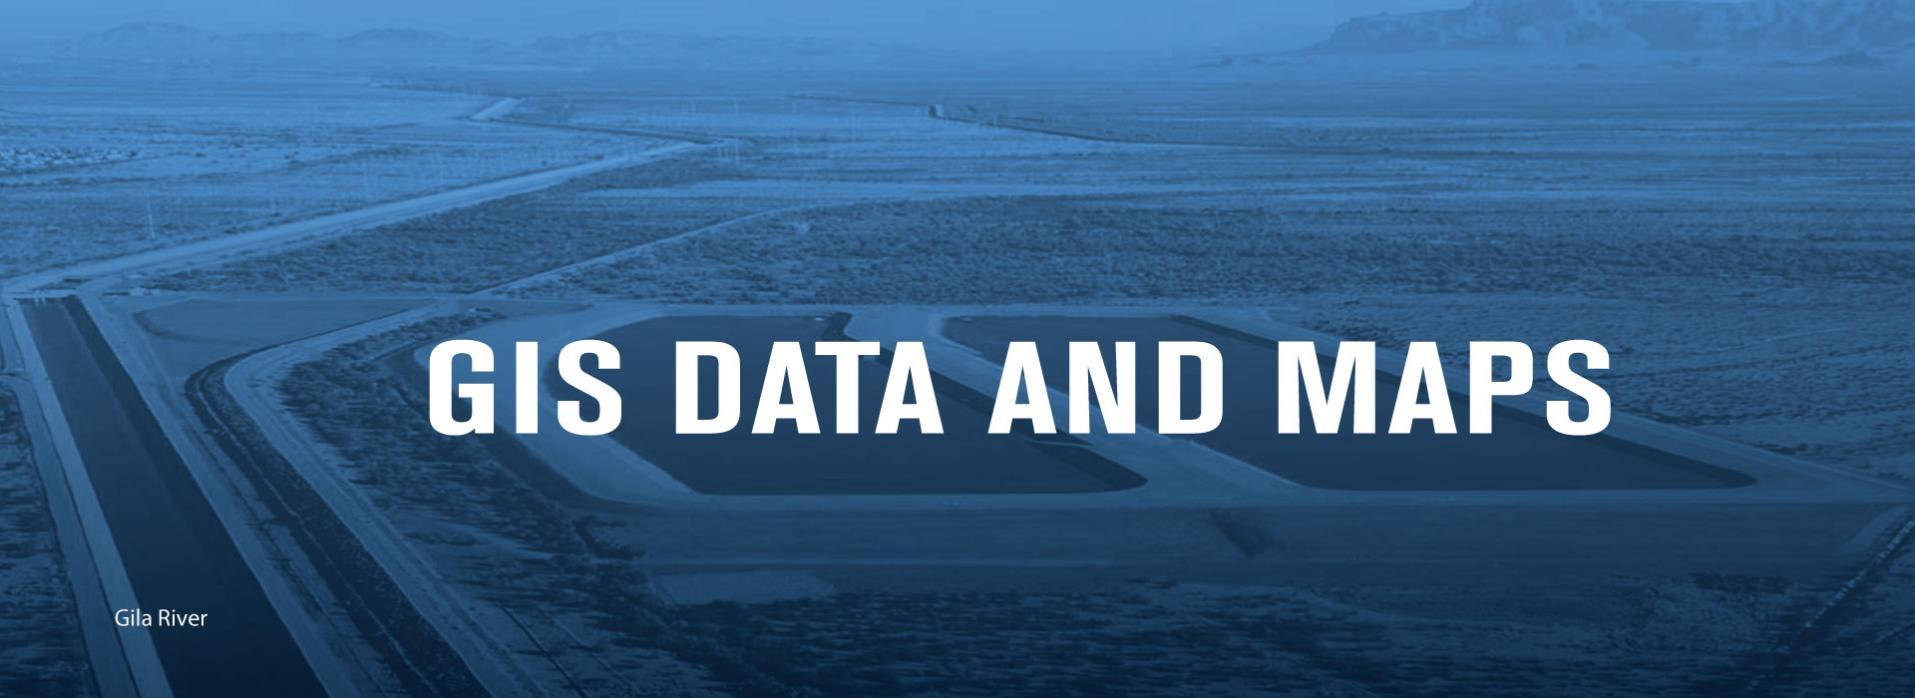 GIS Data and Maps